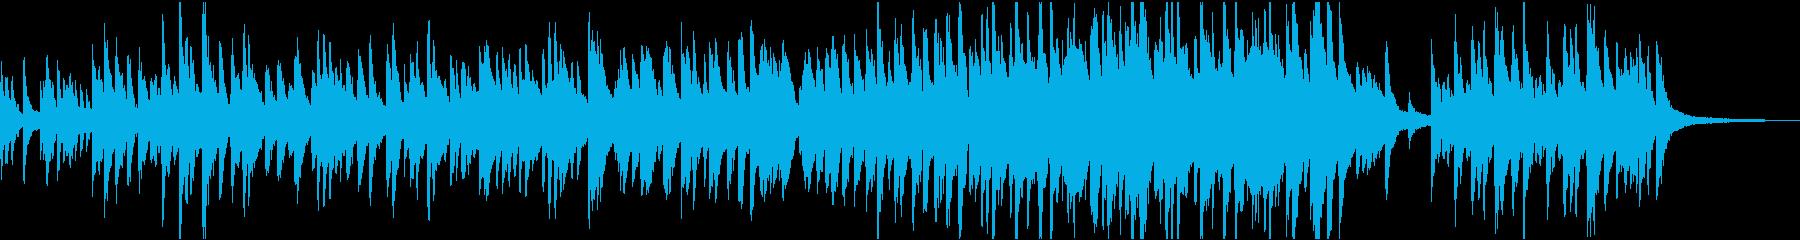 すこし切ないピアノソロの再生済みの波形